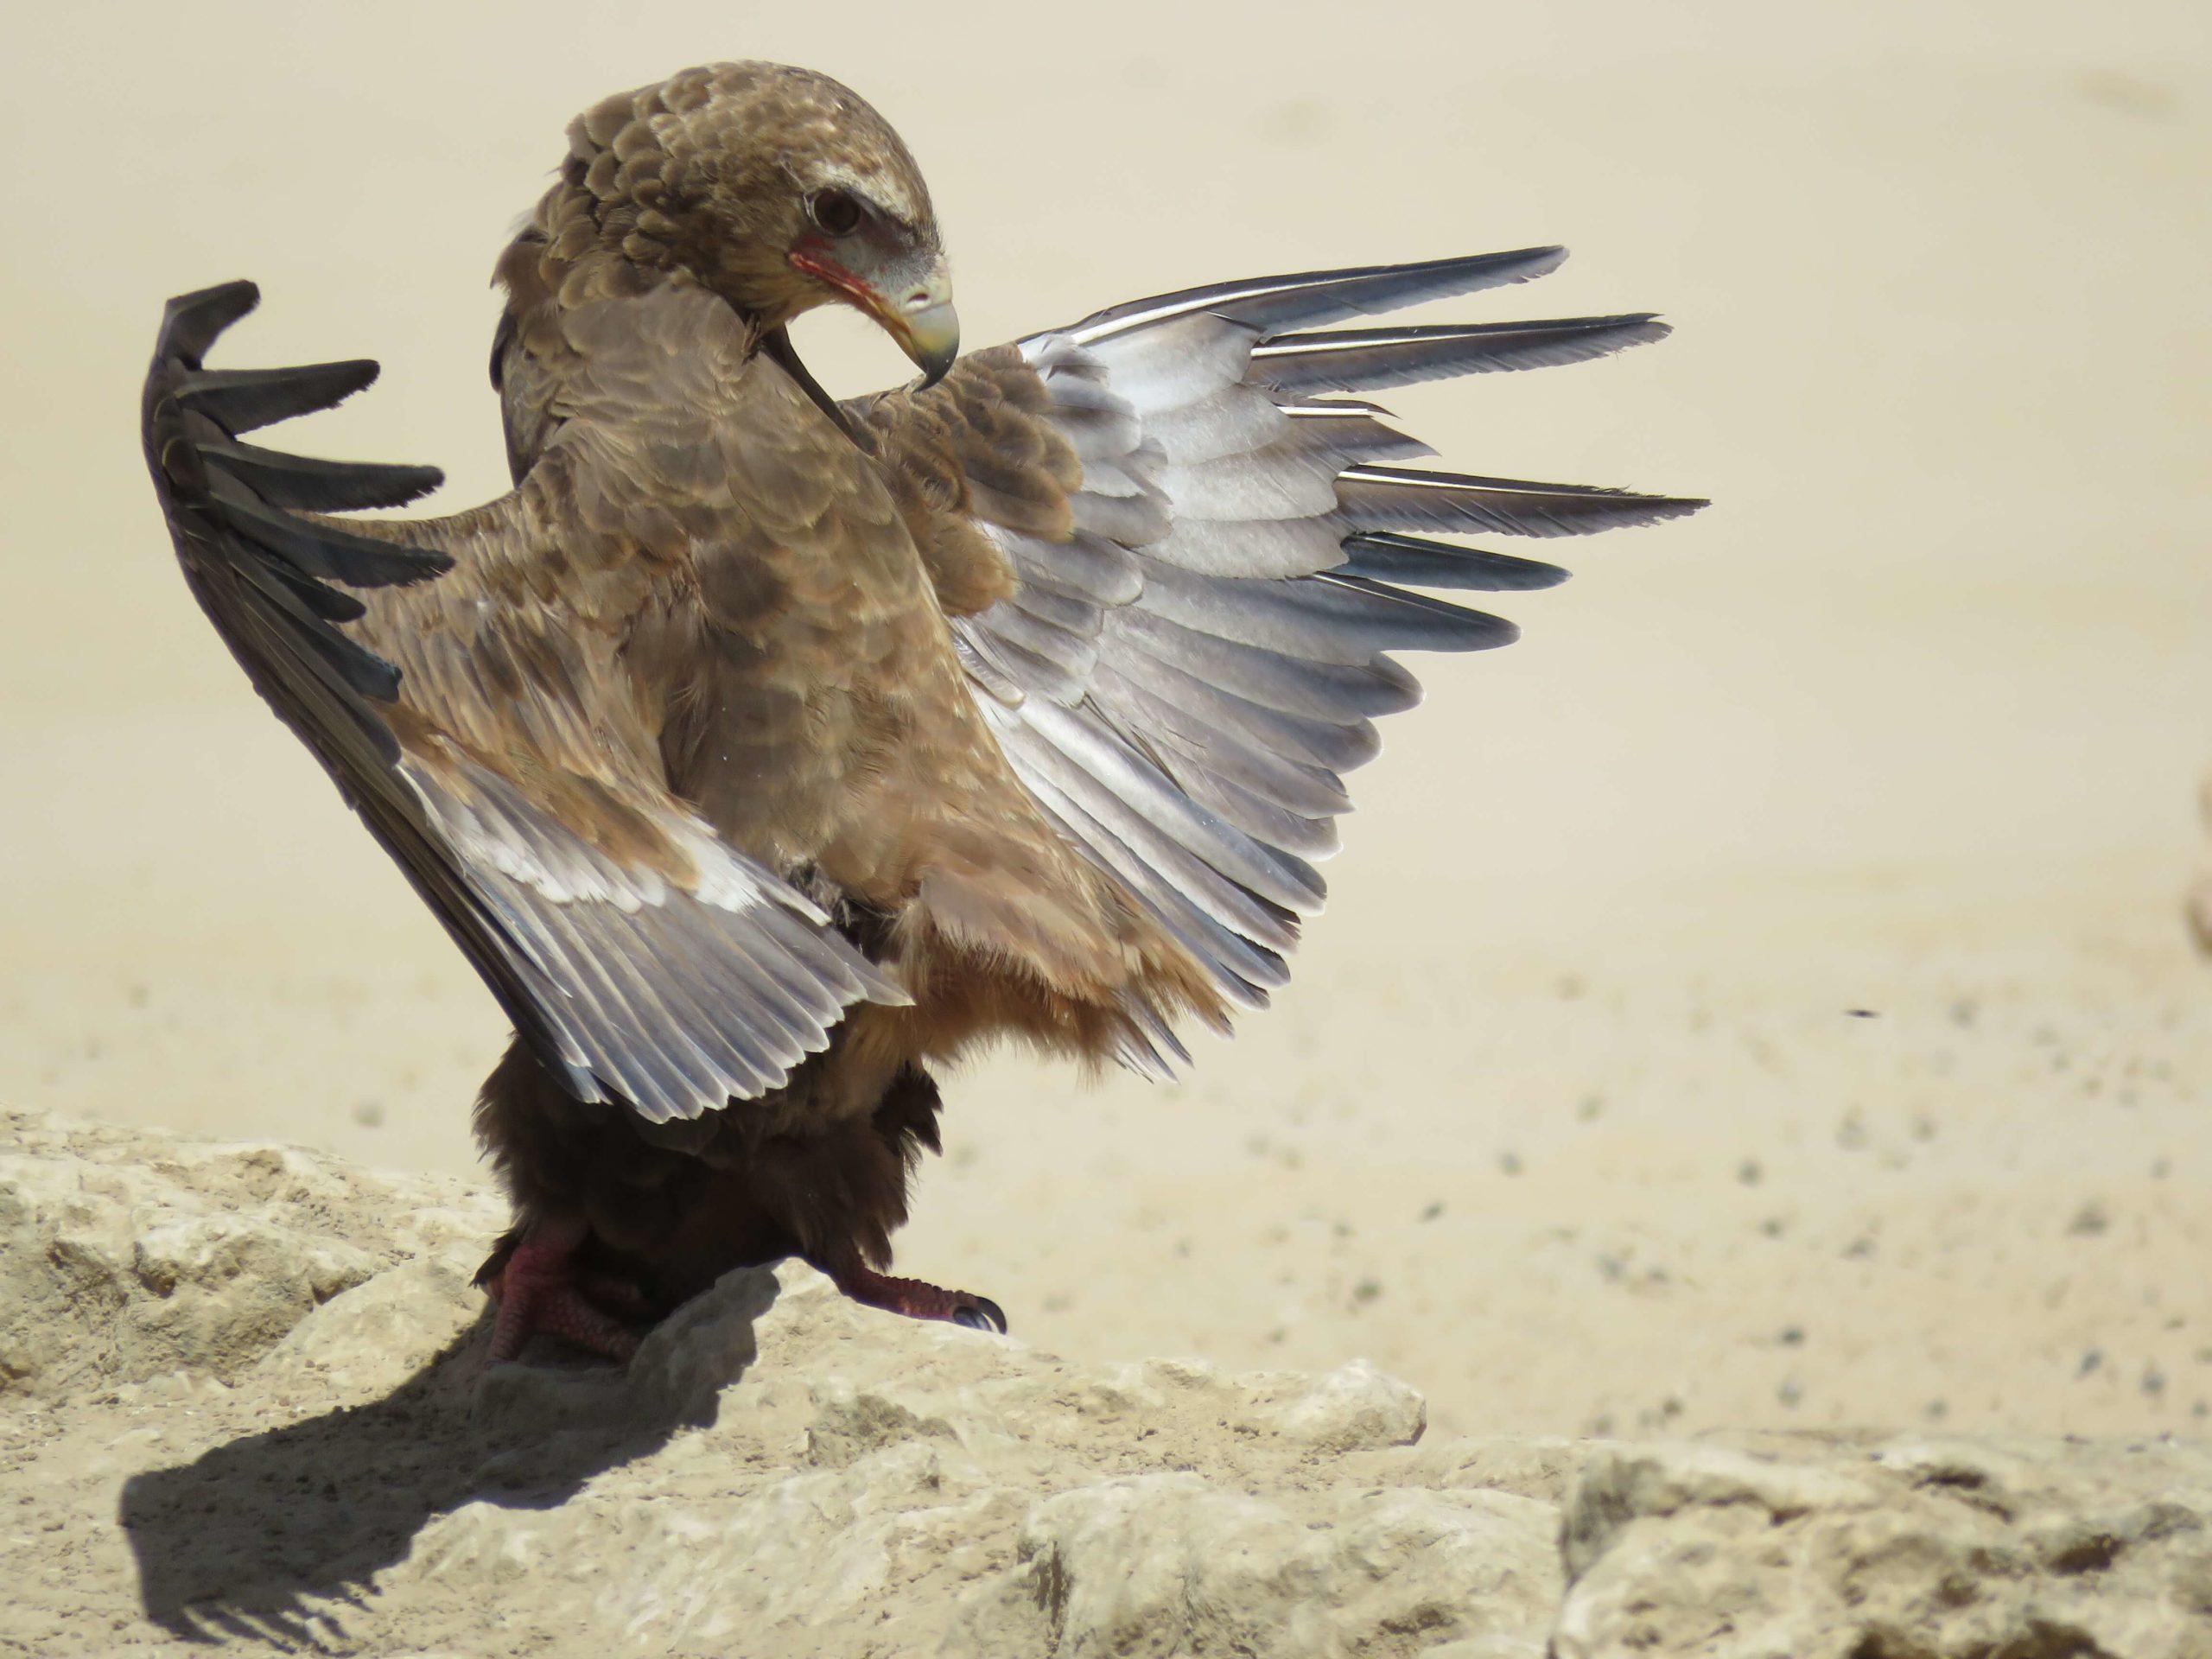 Juvenile Bataleur - photograph by Malcolm Bowling